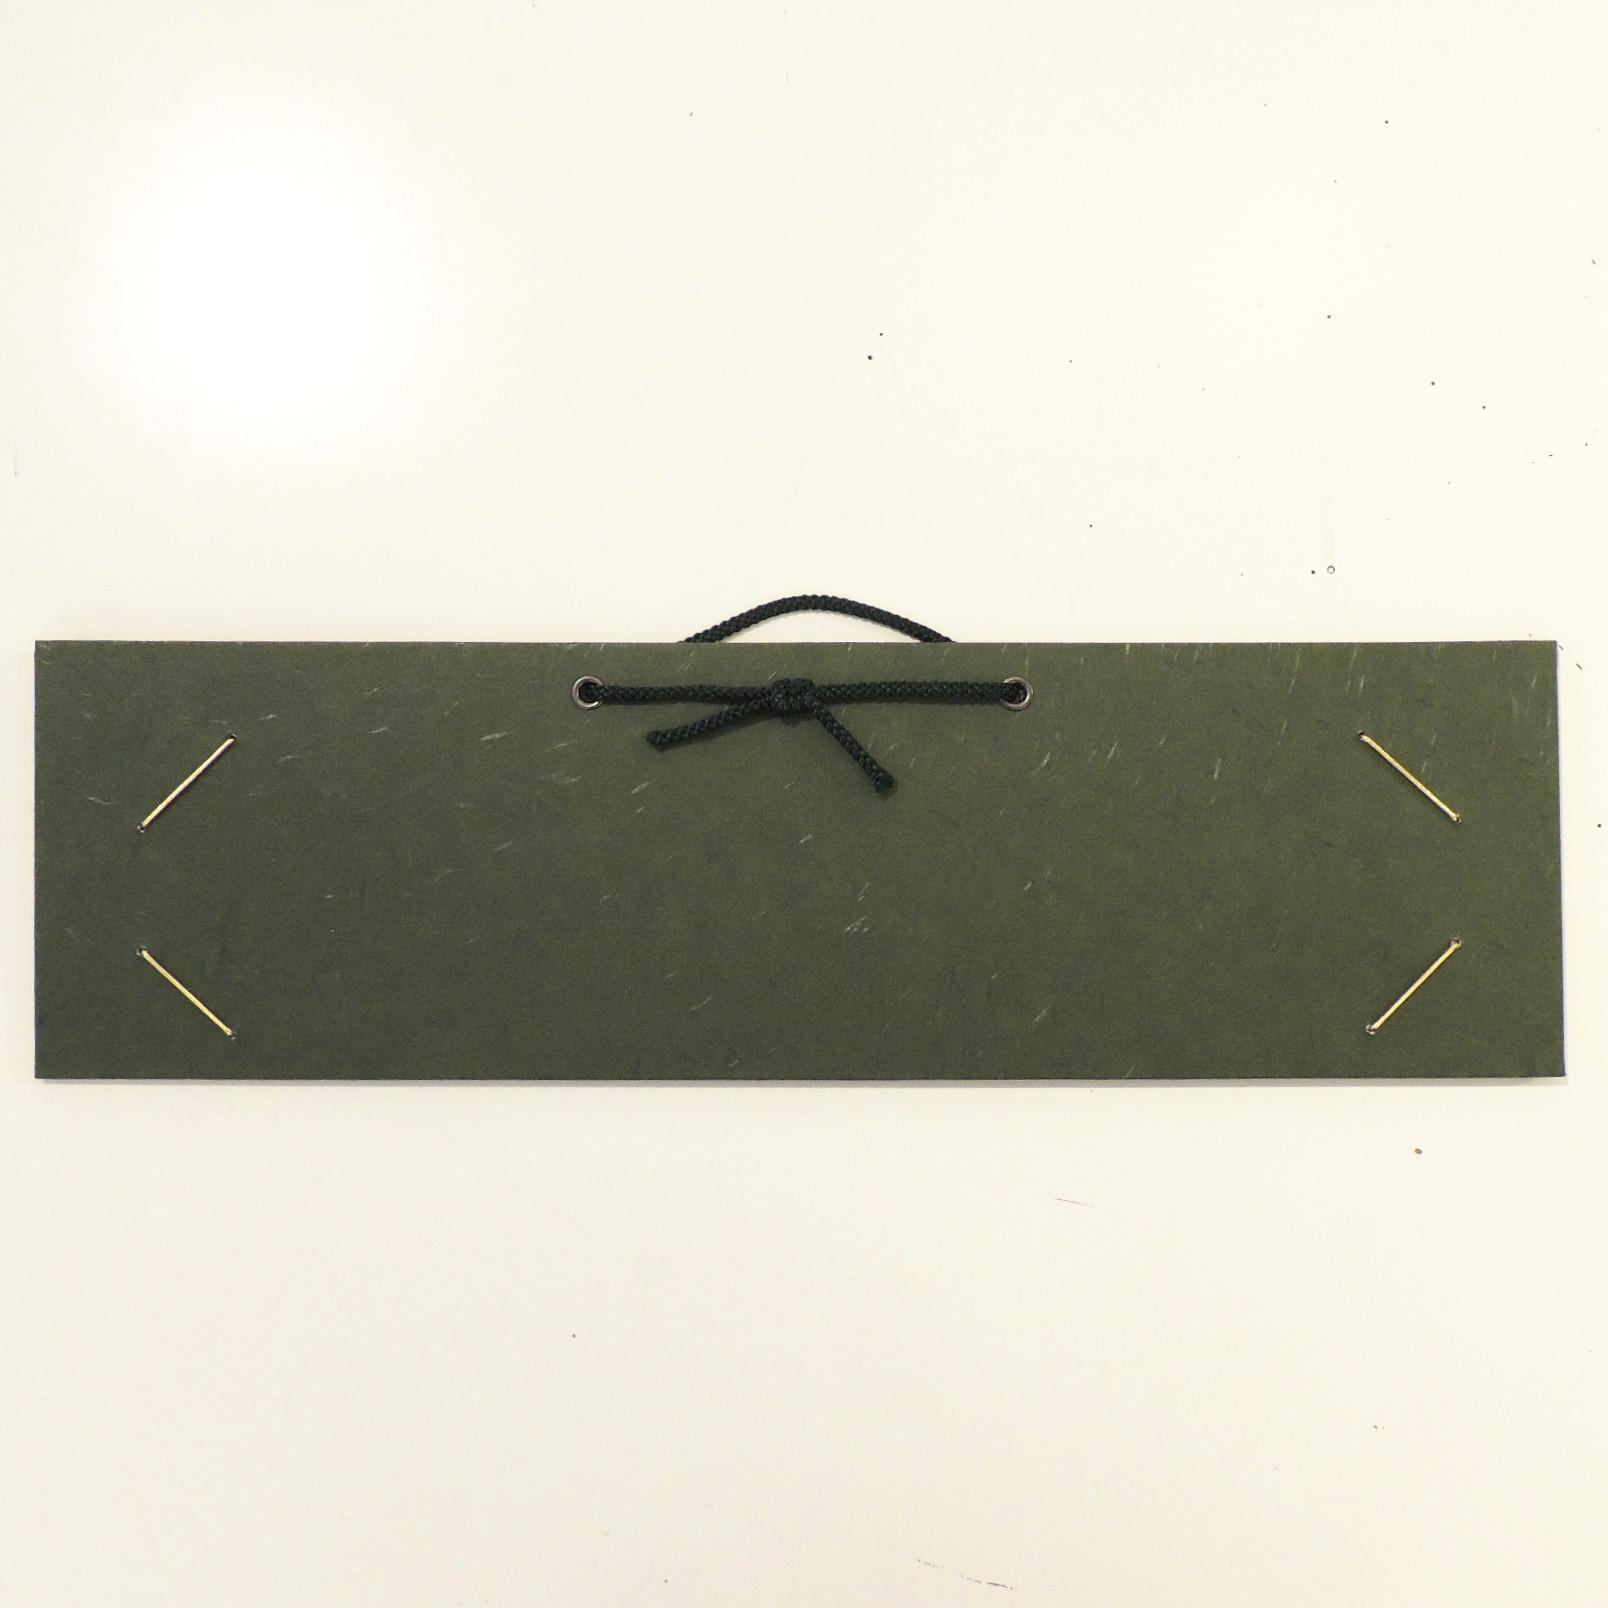 HrahmTQ-dgrn   Hänge-Bilderrahmen (Querstehend) für Tanzaku-Papier aus